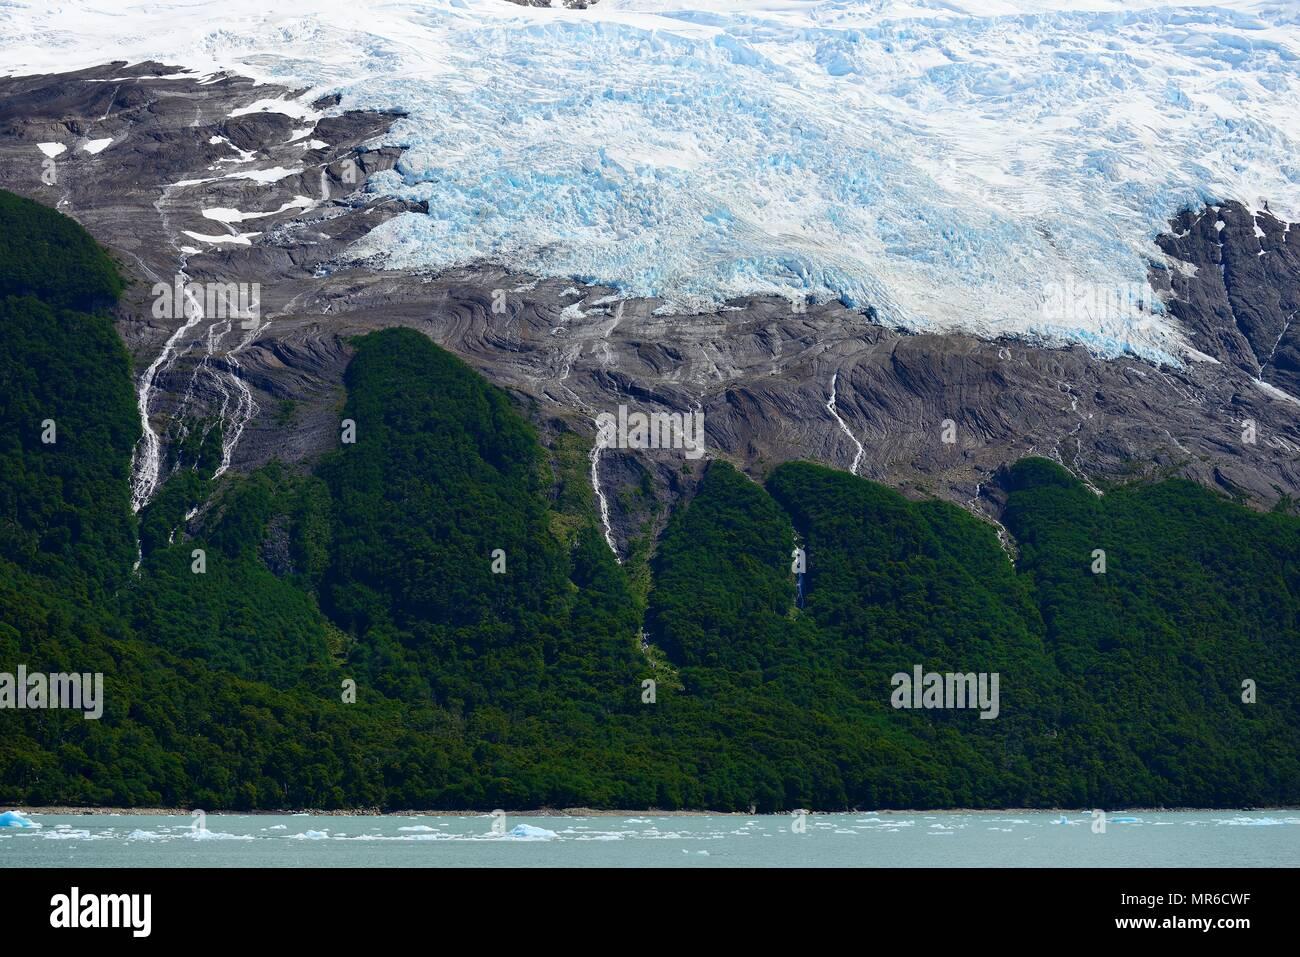 Melting arm of the Spegazzini Glacier on Lake Argentino, Parque Nacional Los Glaciares, El Calafate, Santa Cruz Province - Stock Image